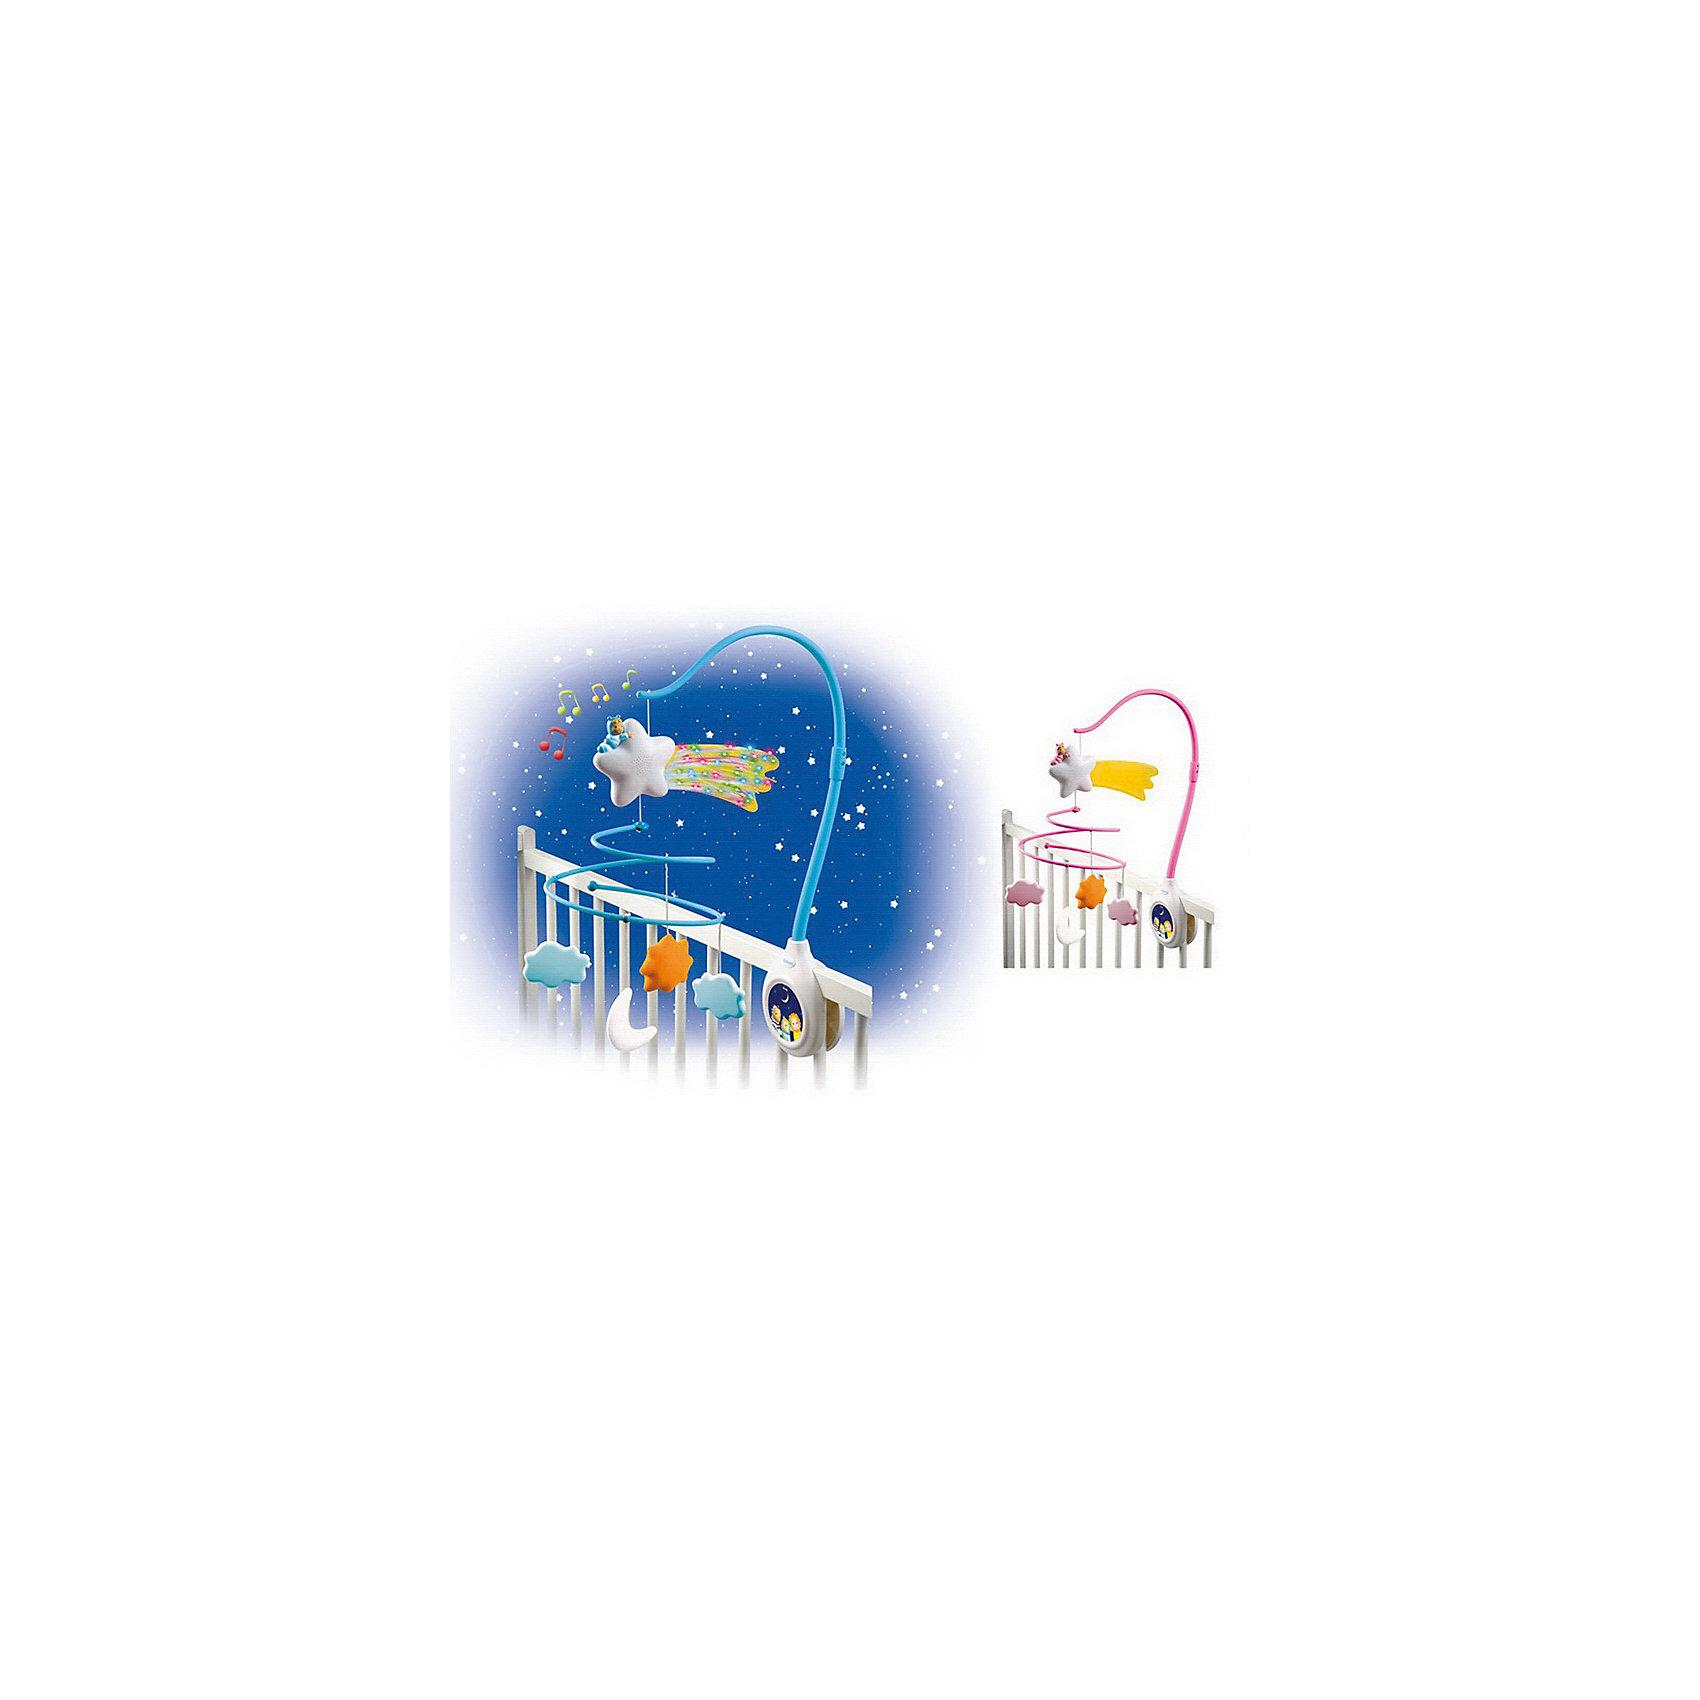 Музыкальная каруселька на кроватку Cotoons (свет, звук), SmobyПодвески<br>Характеристики товара:<br><br>• возраст с рождения<br>• материал: пластик<br>• комплект: стойка, дуга для крепления мобиля на кроватку, музыкальное устройство, подвесная игрушка - 4 шт<br>• тип батареек: 3 х AAA / LR03 1.5V (мизинчиковые)<br>• наличие батареек: не входят в комплект<br>• размер упаковки 37х29х5,7 см<br>• вес упаковки 700 г.<br>• страна бренда: Франция<br>• страна производитель: Китай<br>• товар представлен в ассортименте<br><br>Музыкальная каруселька на кроватку Smoby крепится на бортики кроватки новорожденного при помощи гаек. Каруселька выполнена в виде дуги с подвесными игрушками, которые крутятся. Игрушки обязательно привлекут внимание малыша, он сможет наблюдать за ними, трогать и хватать их. Мелодии в памяти помогут убаюкать кроху перед сном. Карусель способствует развитию у малышей зрительного восприятия, музыкального слуха, тактильных ощущений.<br><br>Игрушка изготовлена из качественного пластика. Работает от 3 батареек ААА (в комплект не входят).<br><br>Музыкальную карусельку на кроватку Smoby можно приобрести в нашем интернет-магазине.<br><br>Ширина мм: 370<br>Глубина мм: 290<br>Высота мм: 57<br>Вес г: 700<br>Возраст от месяцев: -2147483648<br>Возраст до месяцев: 2147483647<br>Пол: Унисекс<br>Возраст: Детский<br>SKU: 5544424